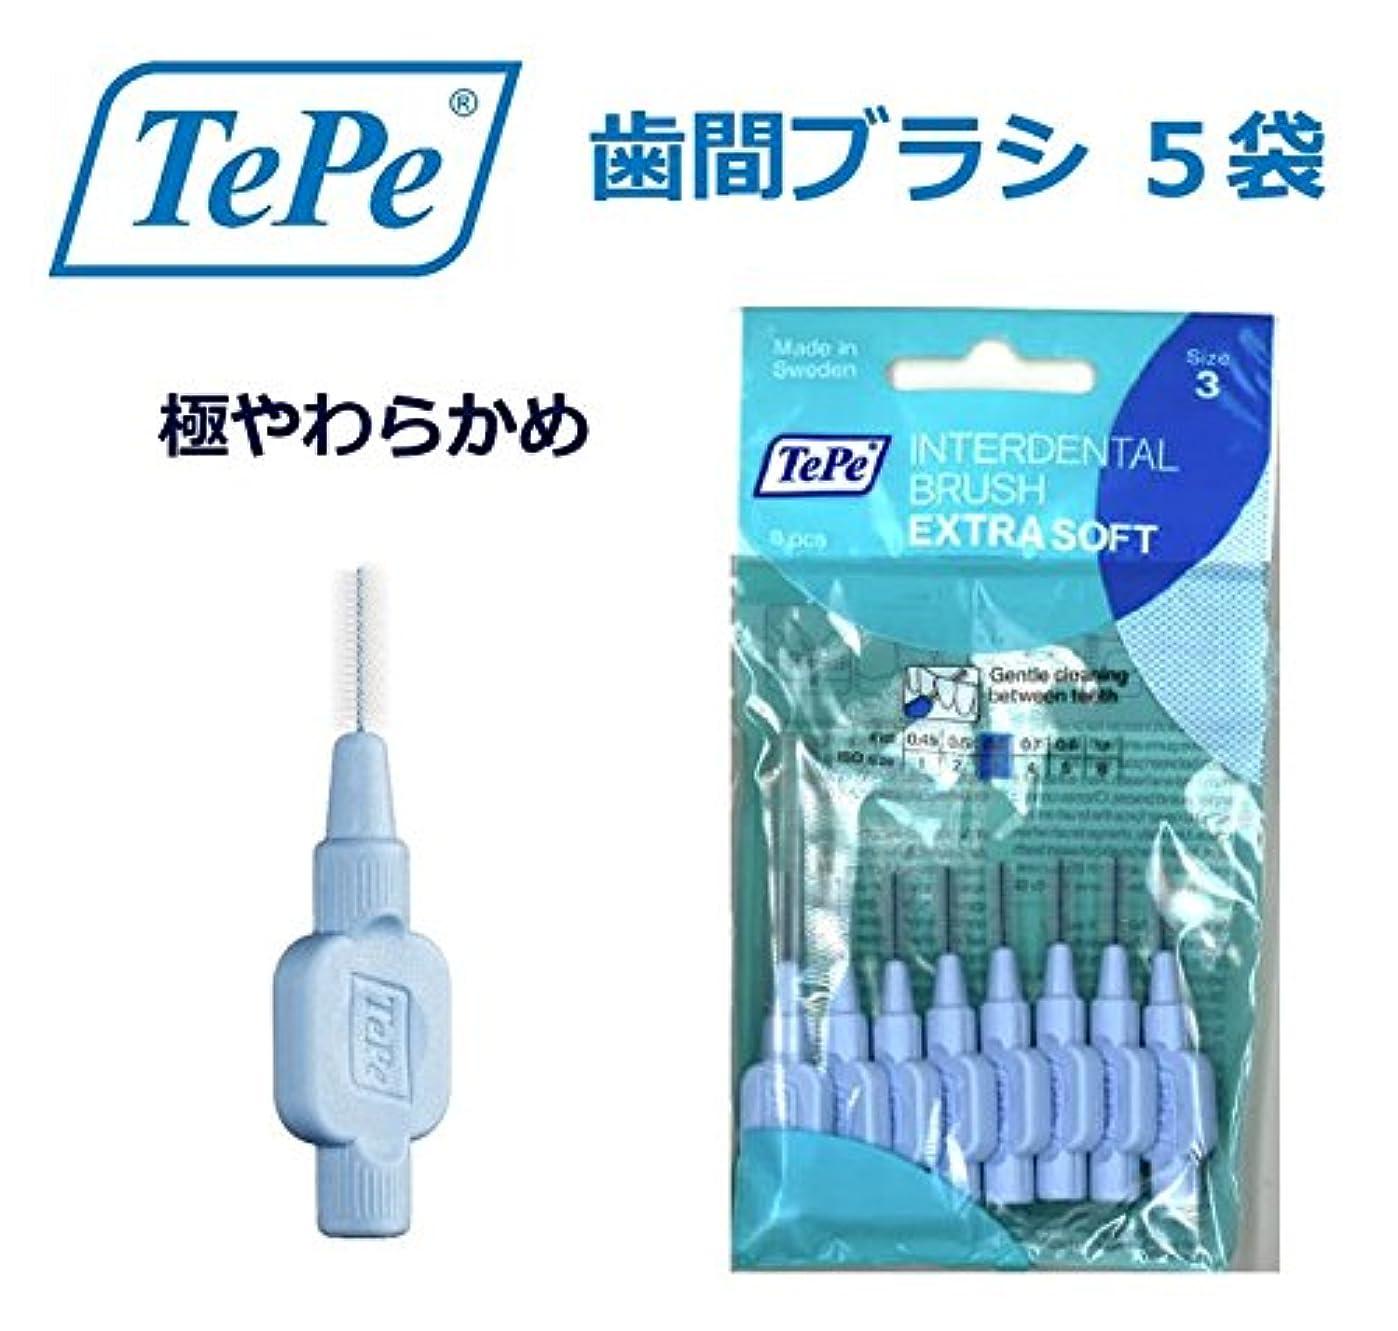 戦う逆さまに相対サイズテペ 歯間ブラシ 極やわらかめ(エクストラソフト) 0.6mm 5袋